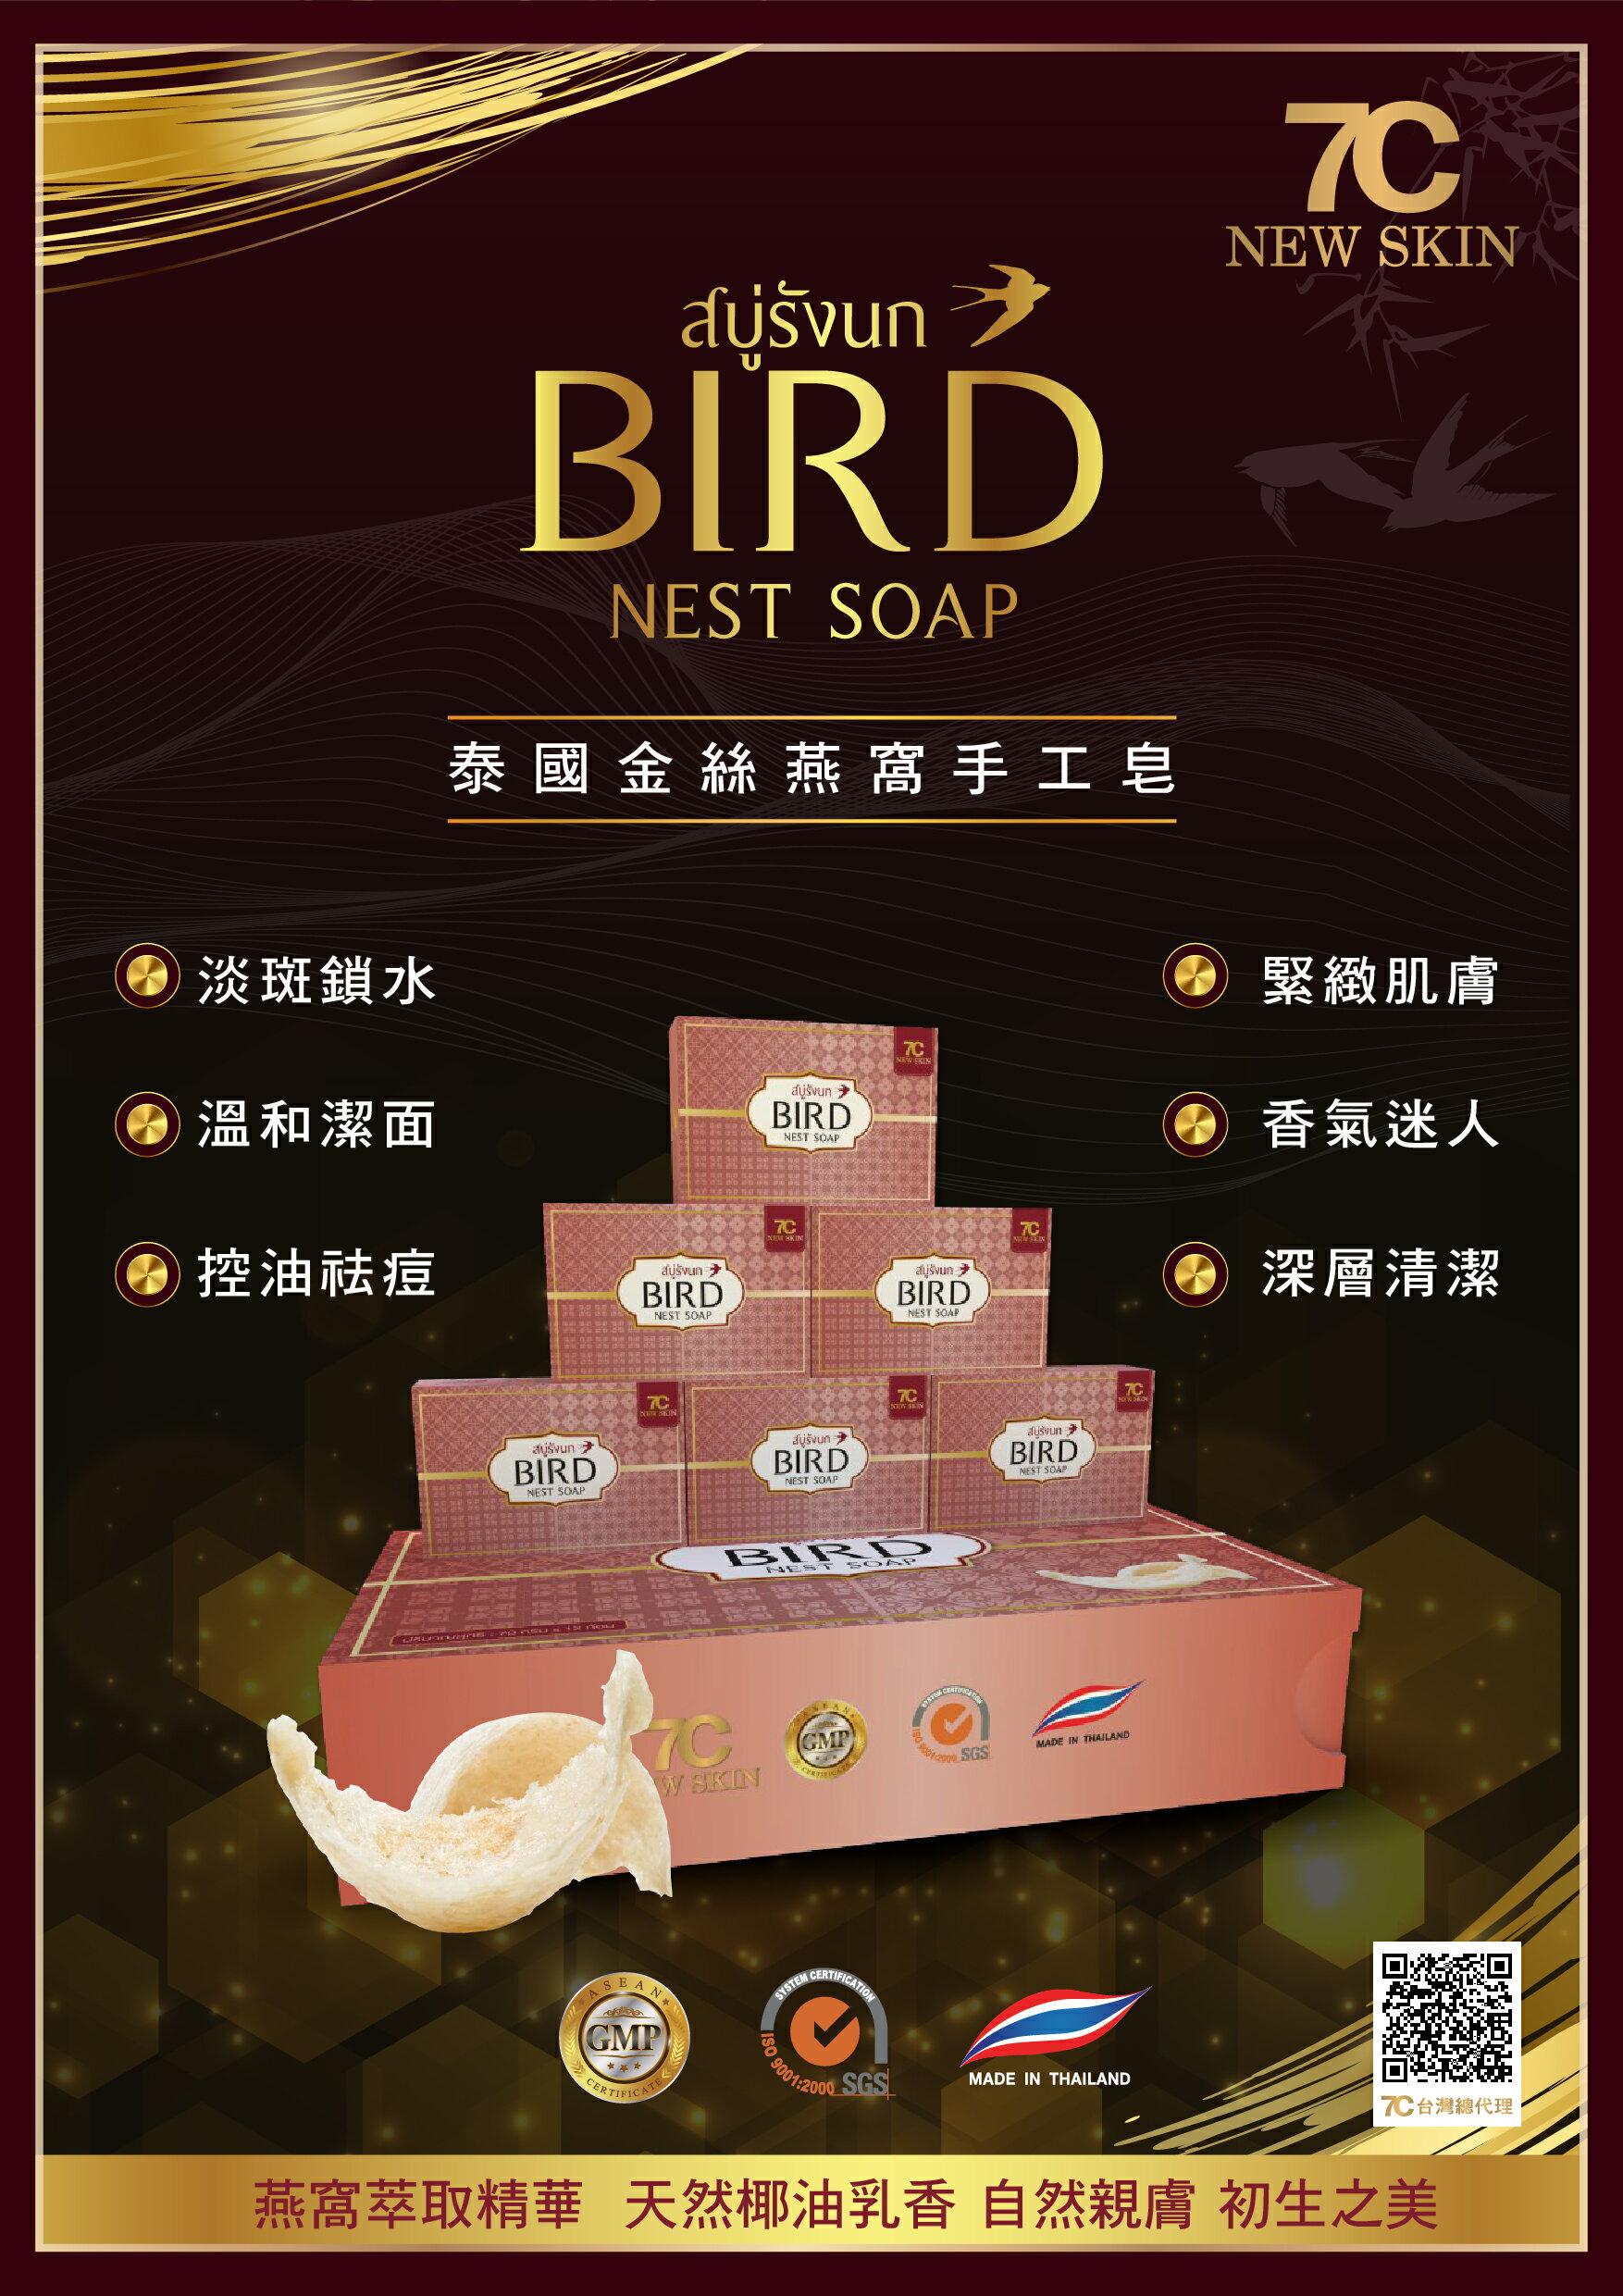 泰國天然椰油燕窩皂︱台灣獨賣新品︱GMP工廠生產 品質保證︱盒裝 ︱1盒12入 1